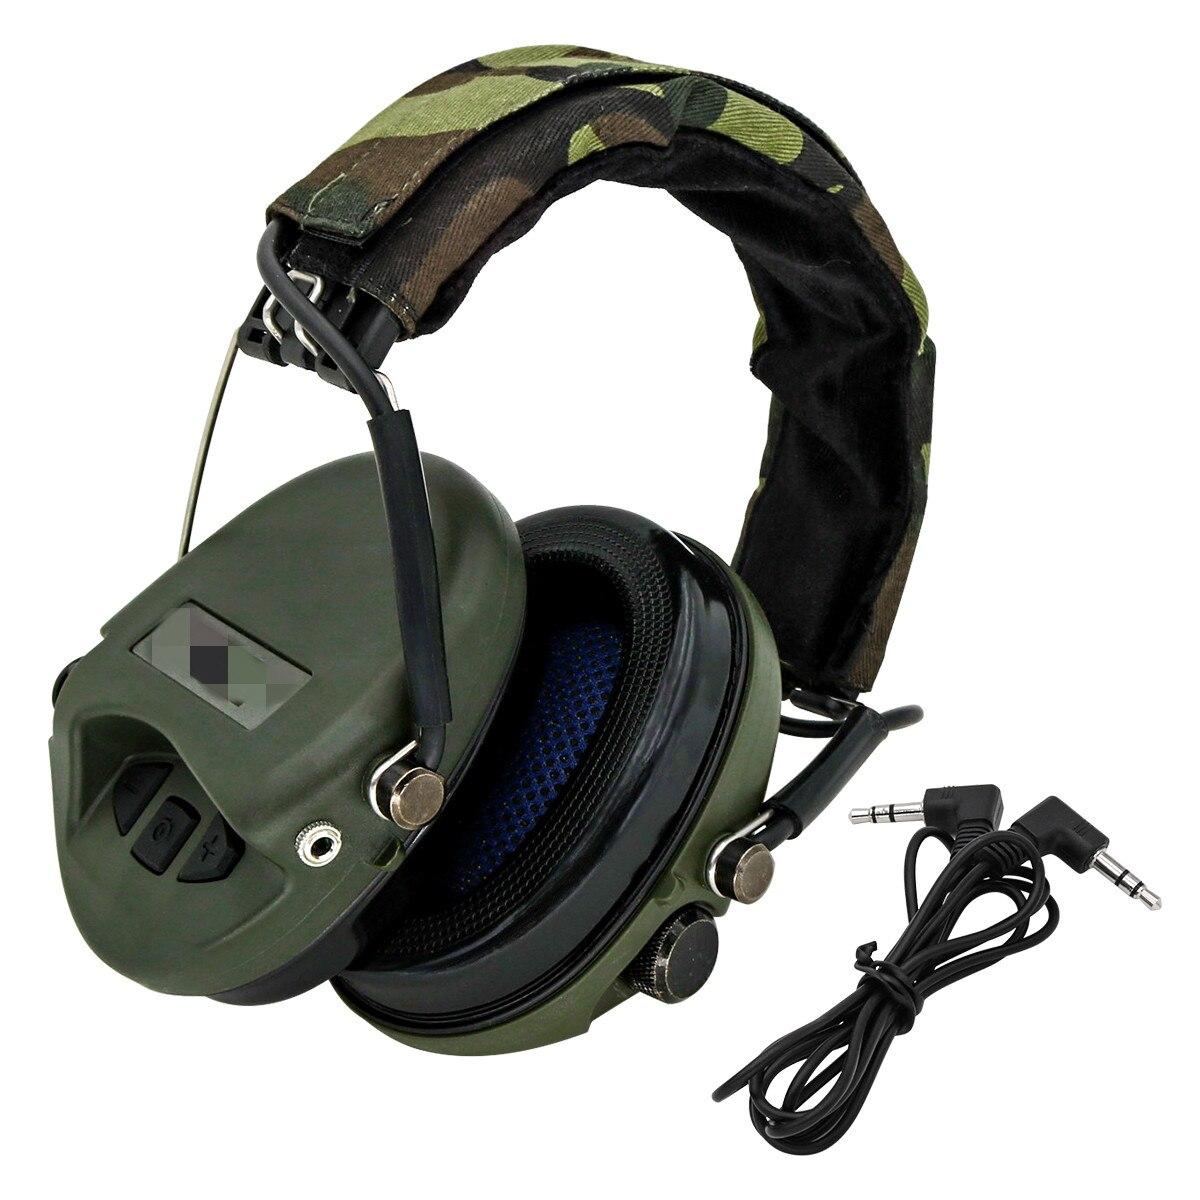 Тактические наушники MSA Airsoft Sordin, уличные охотничьи Электронные Наушники с защитой слуха и шумоподавлением, тактические наушники для стрельбы-3